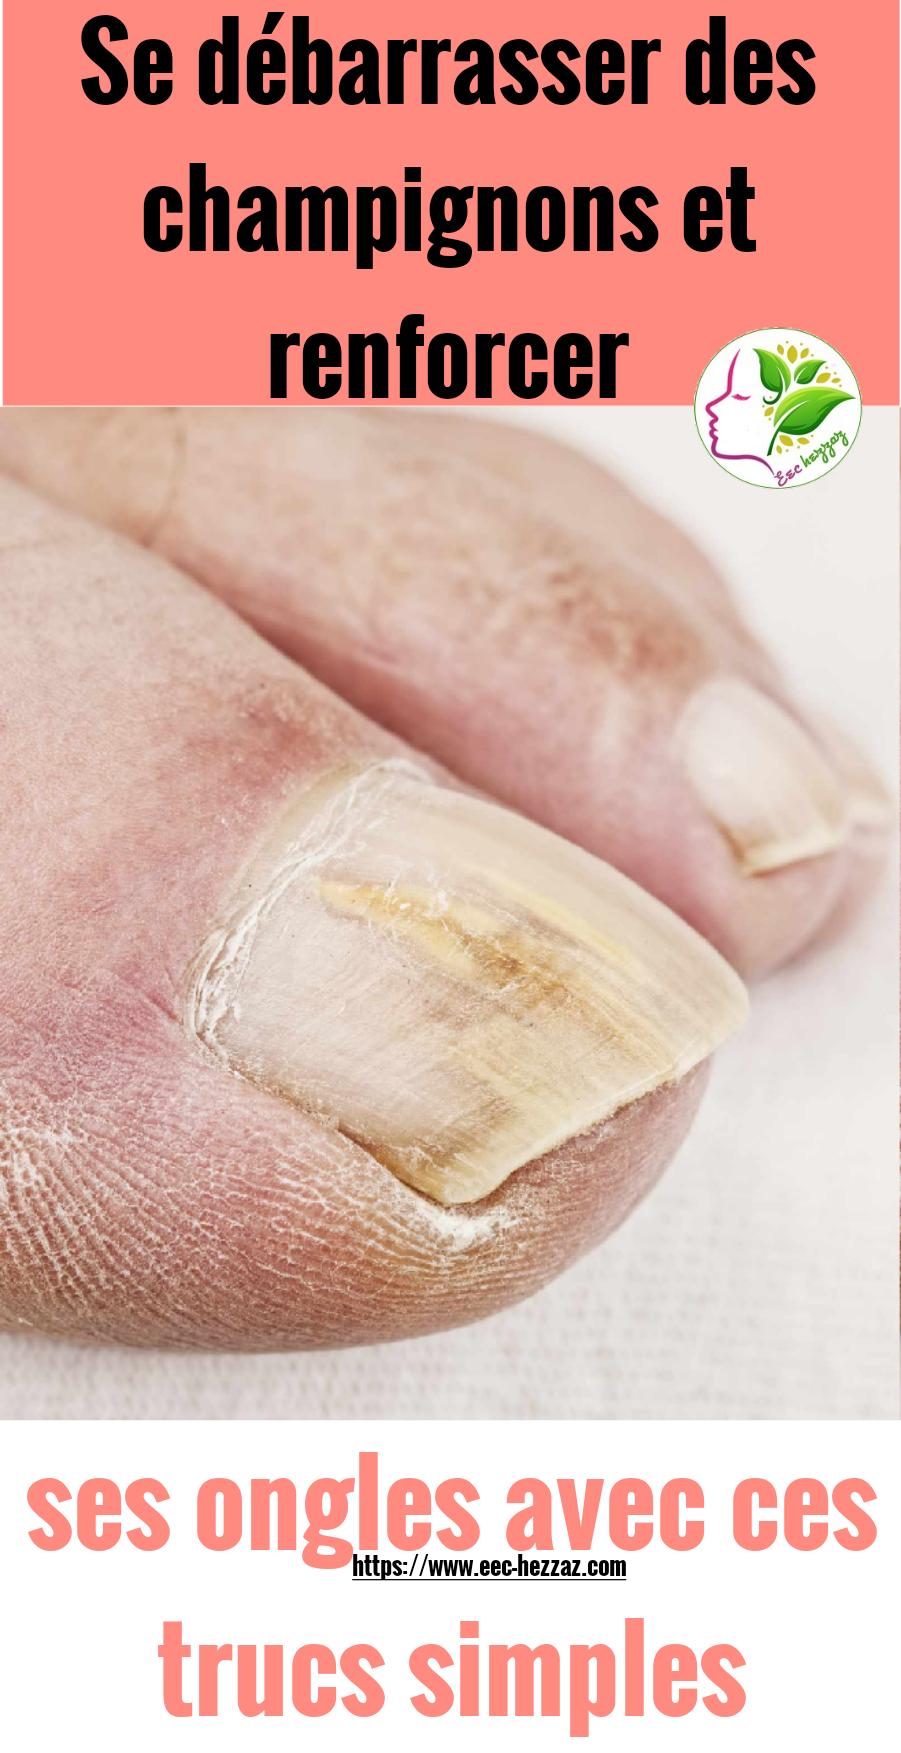 Se débarrasser des champignons et renforcer ses ongles avec ces trucs simples